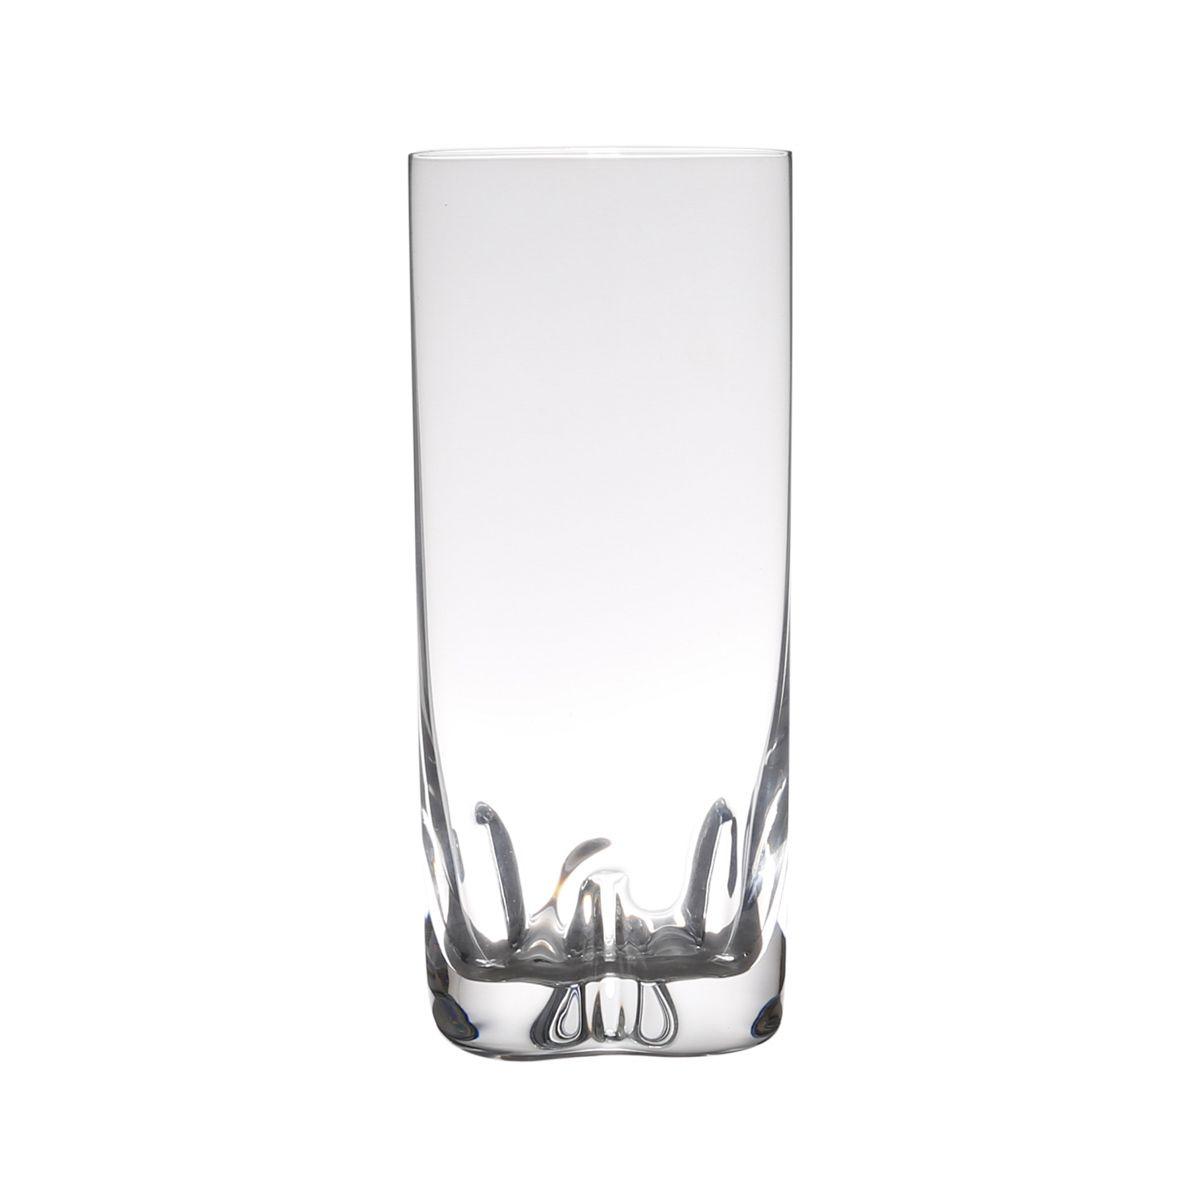 Jogo 6 copos 300ml para água de vidro com titânio transparente Trio Bohemia - L2025